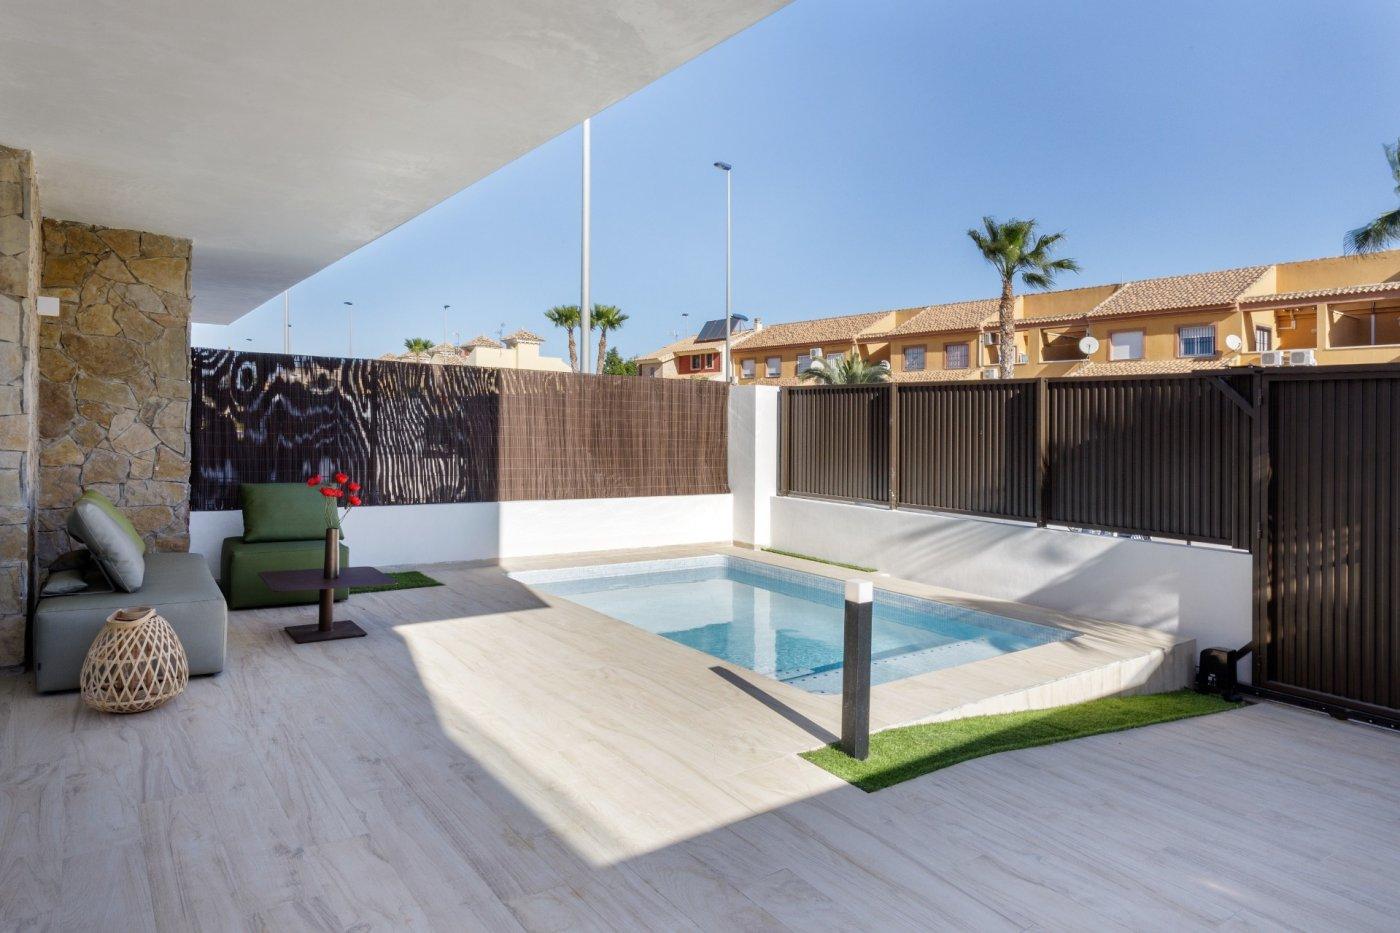 Villas con estilo en san pedro del pinatar - imagenInmueble3